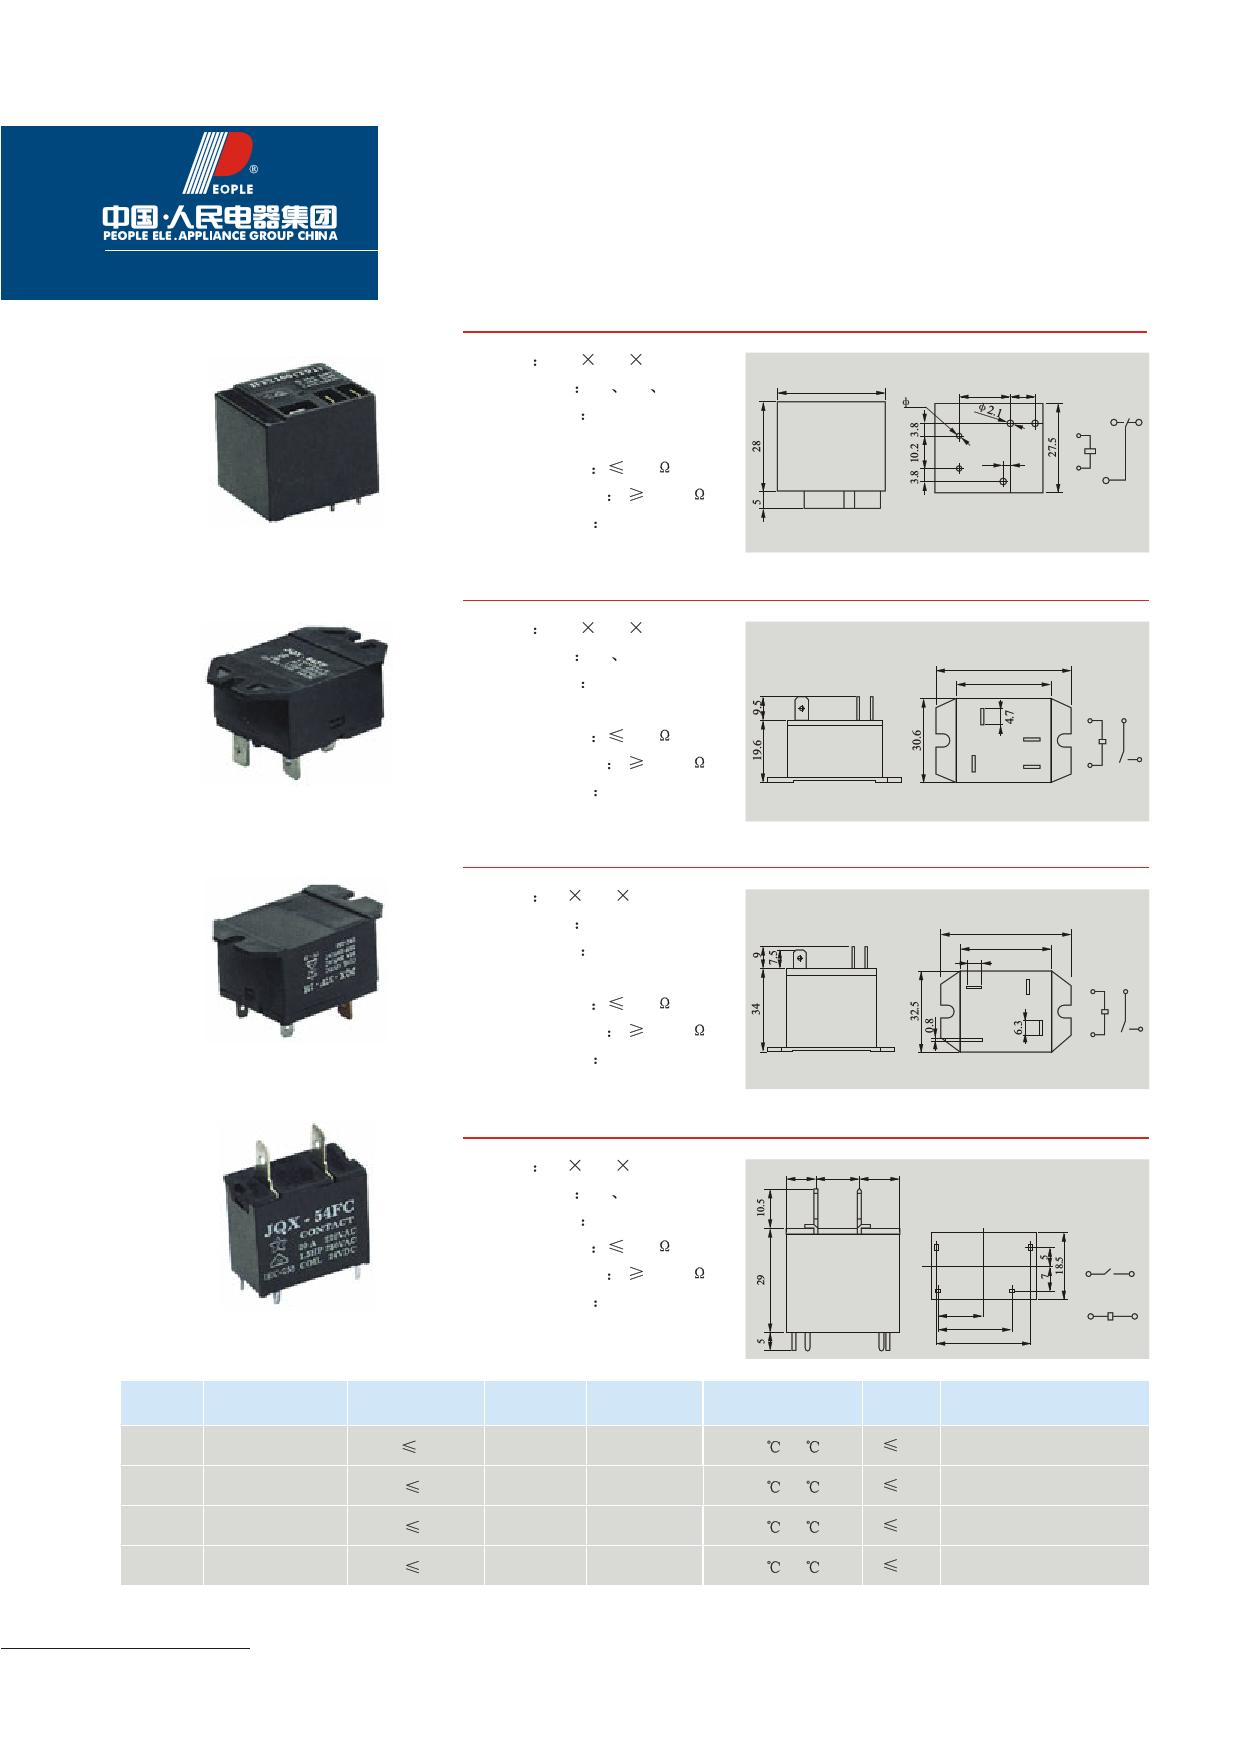 JQX-37F دیتاشیت PDF